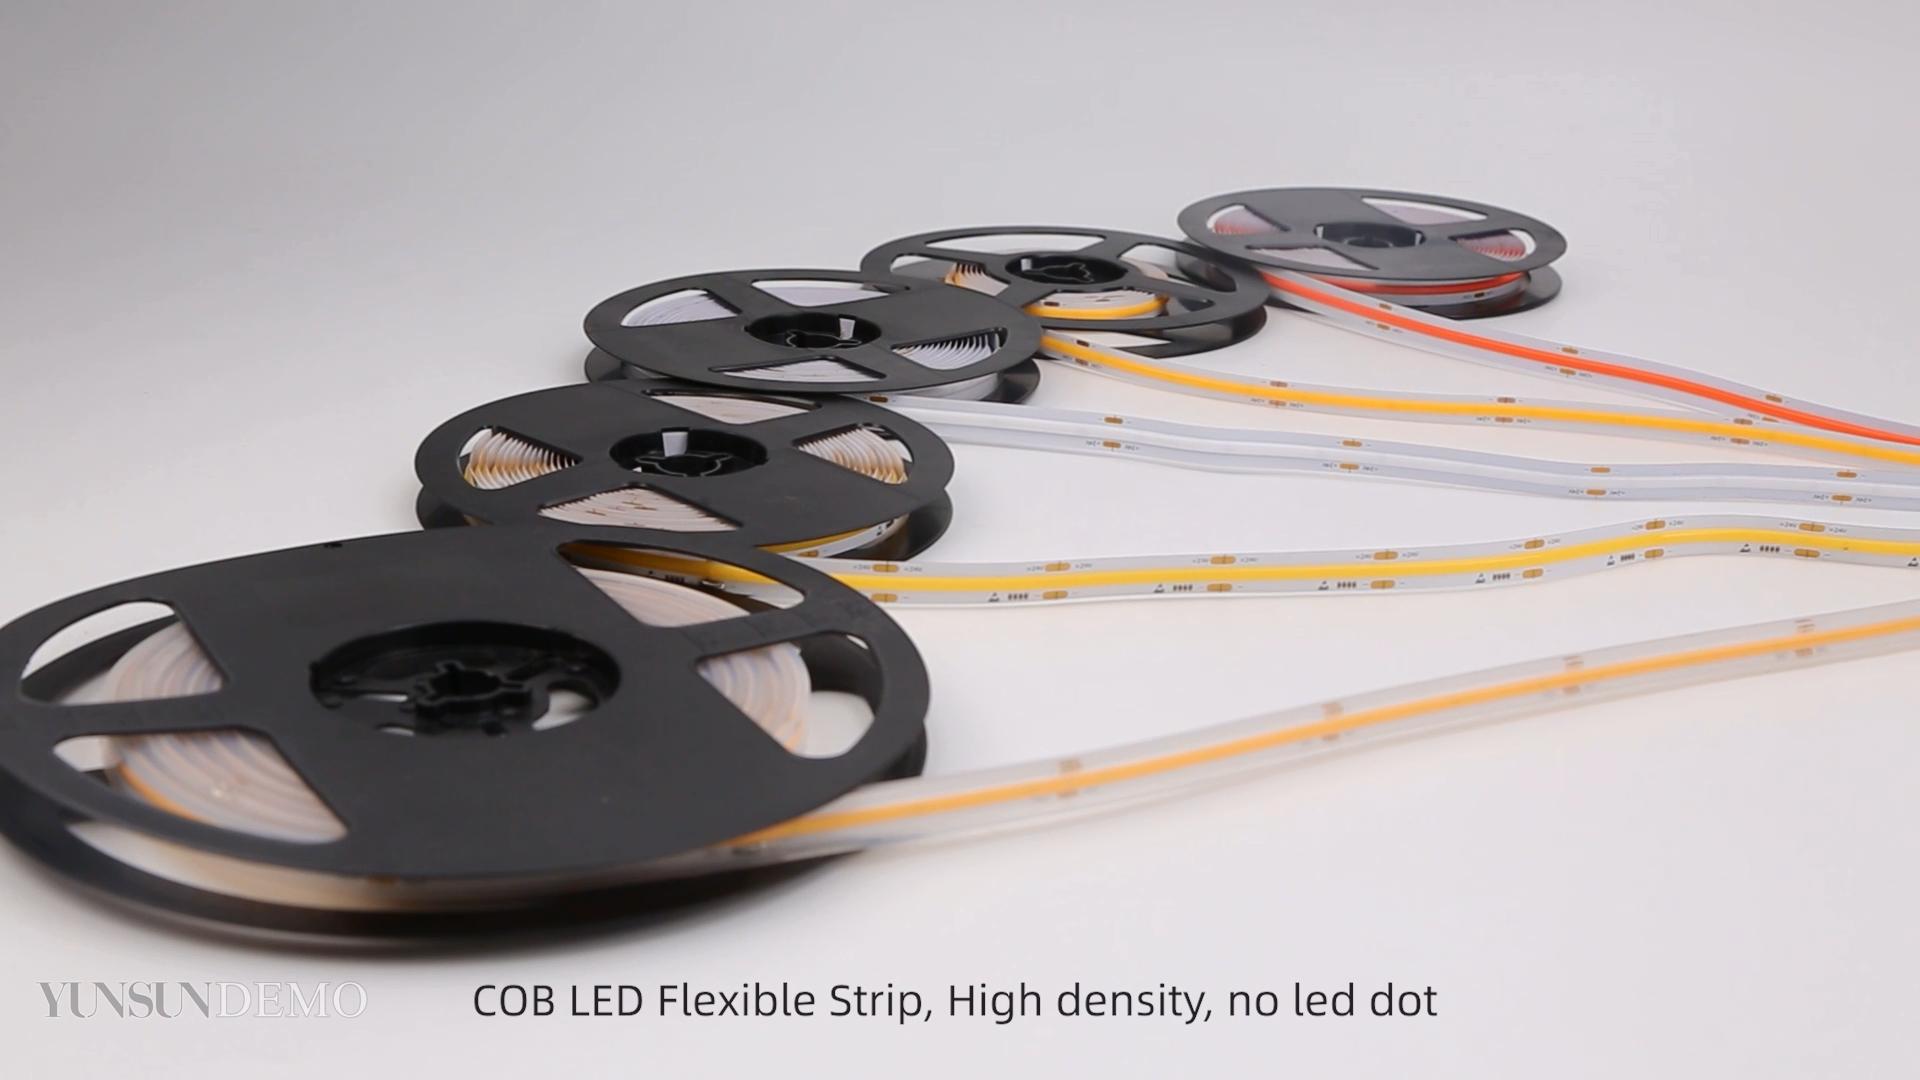 Bande lumineuse LED COB flexible et étanche, sans points d'éclairage, en blanc, rouge, vert, bleu, 12V 24V, 528 pièces, nouvel arrivage